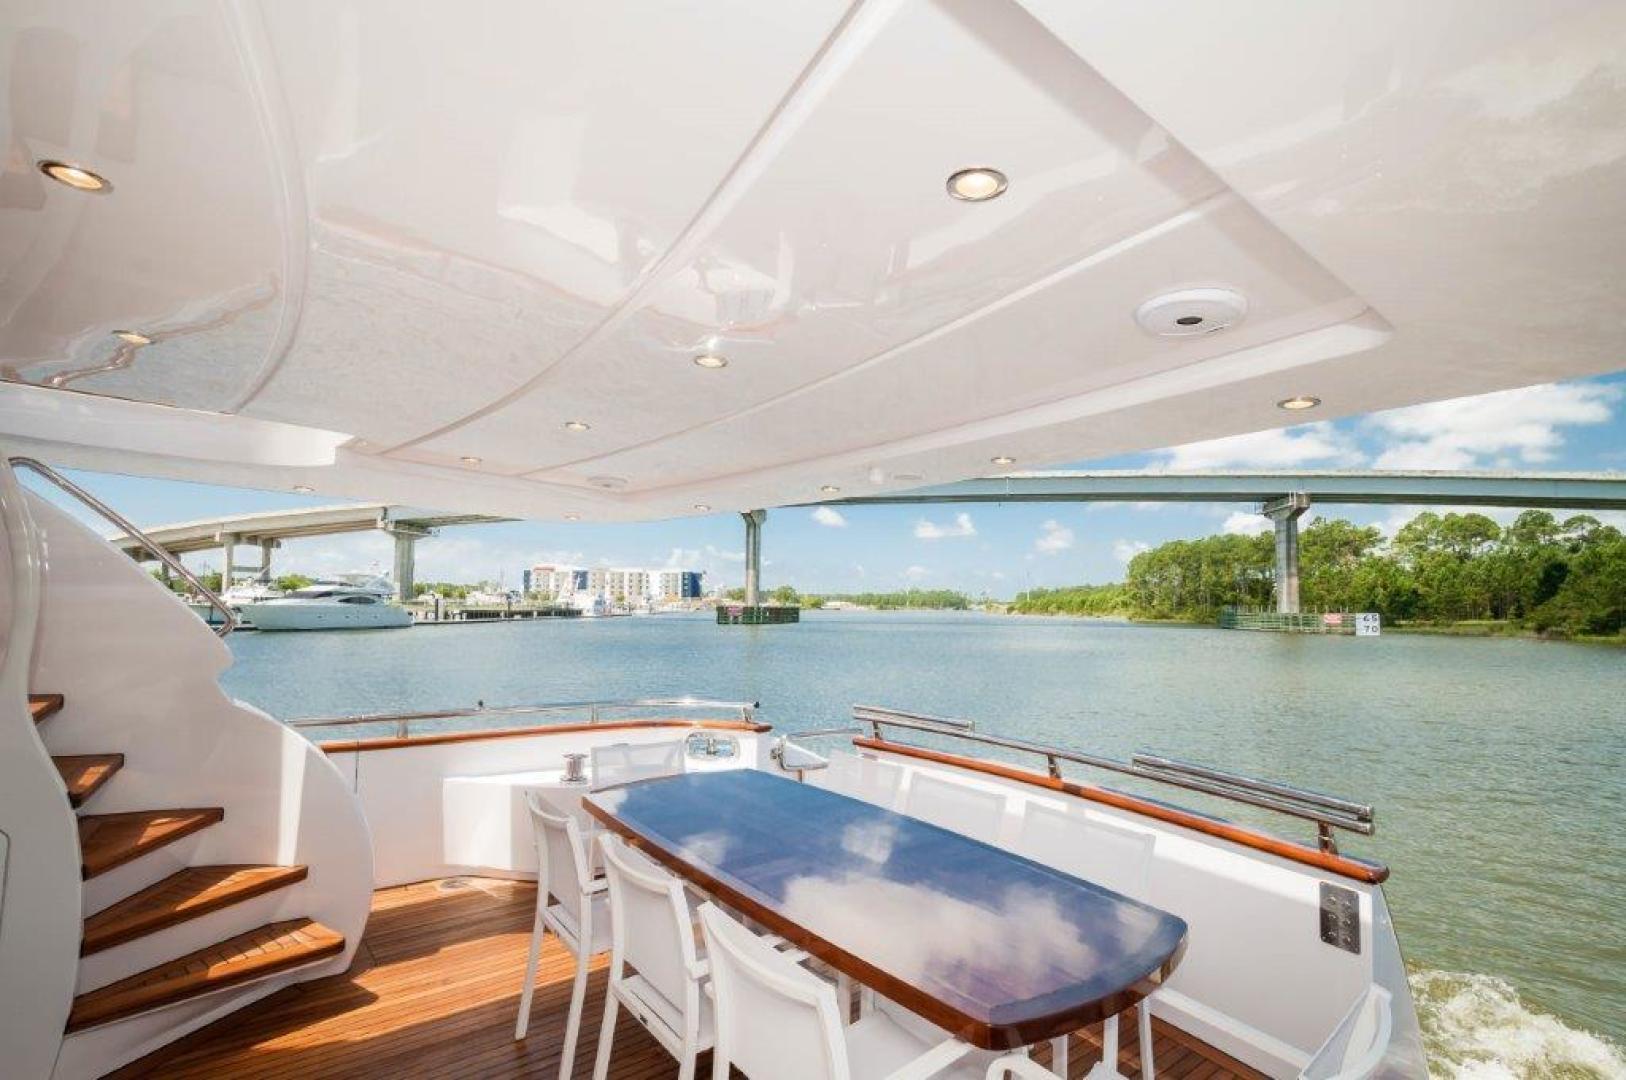 Maiora-84 Motor Yacht 2015-Never Rest SANDESTIN-Florida-United States-2015 Maiora 84 Motor Yacht Cockpit Never Rest-720590 | Thumbnail